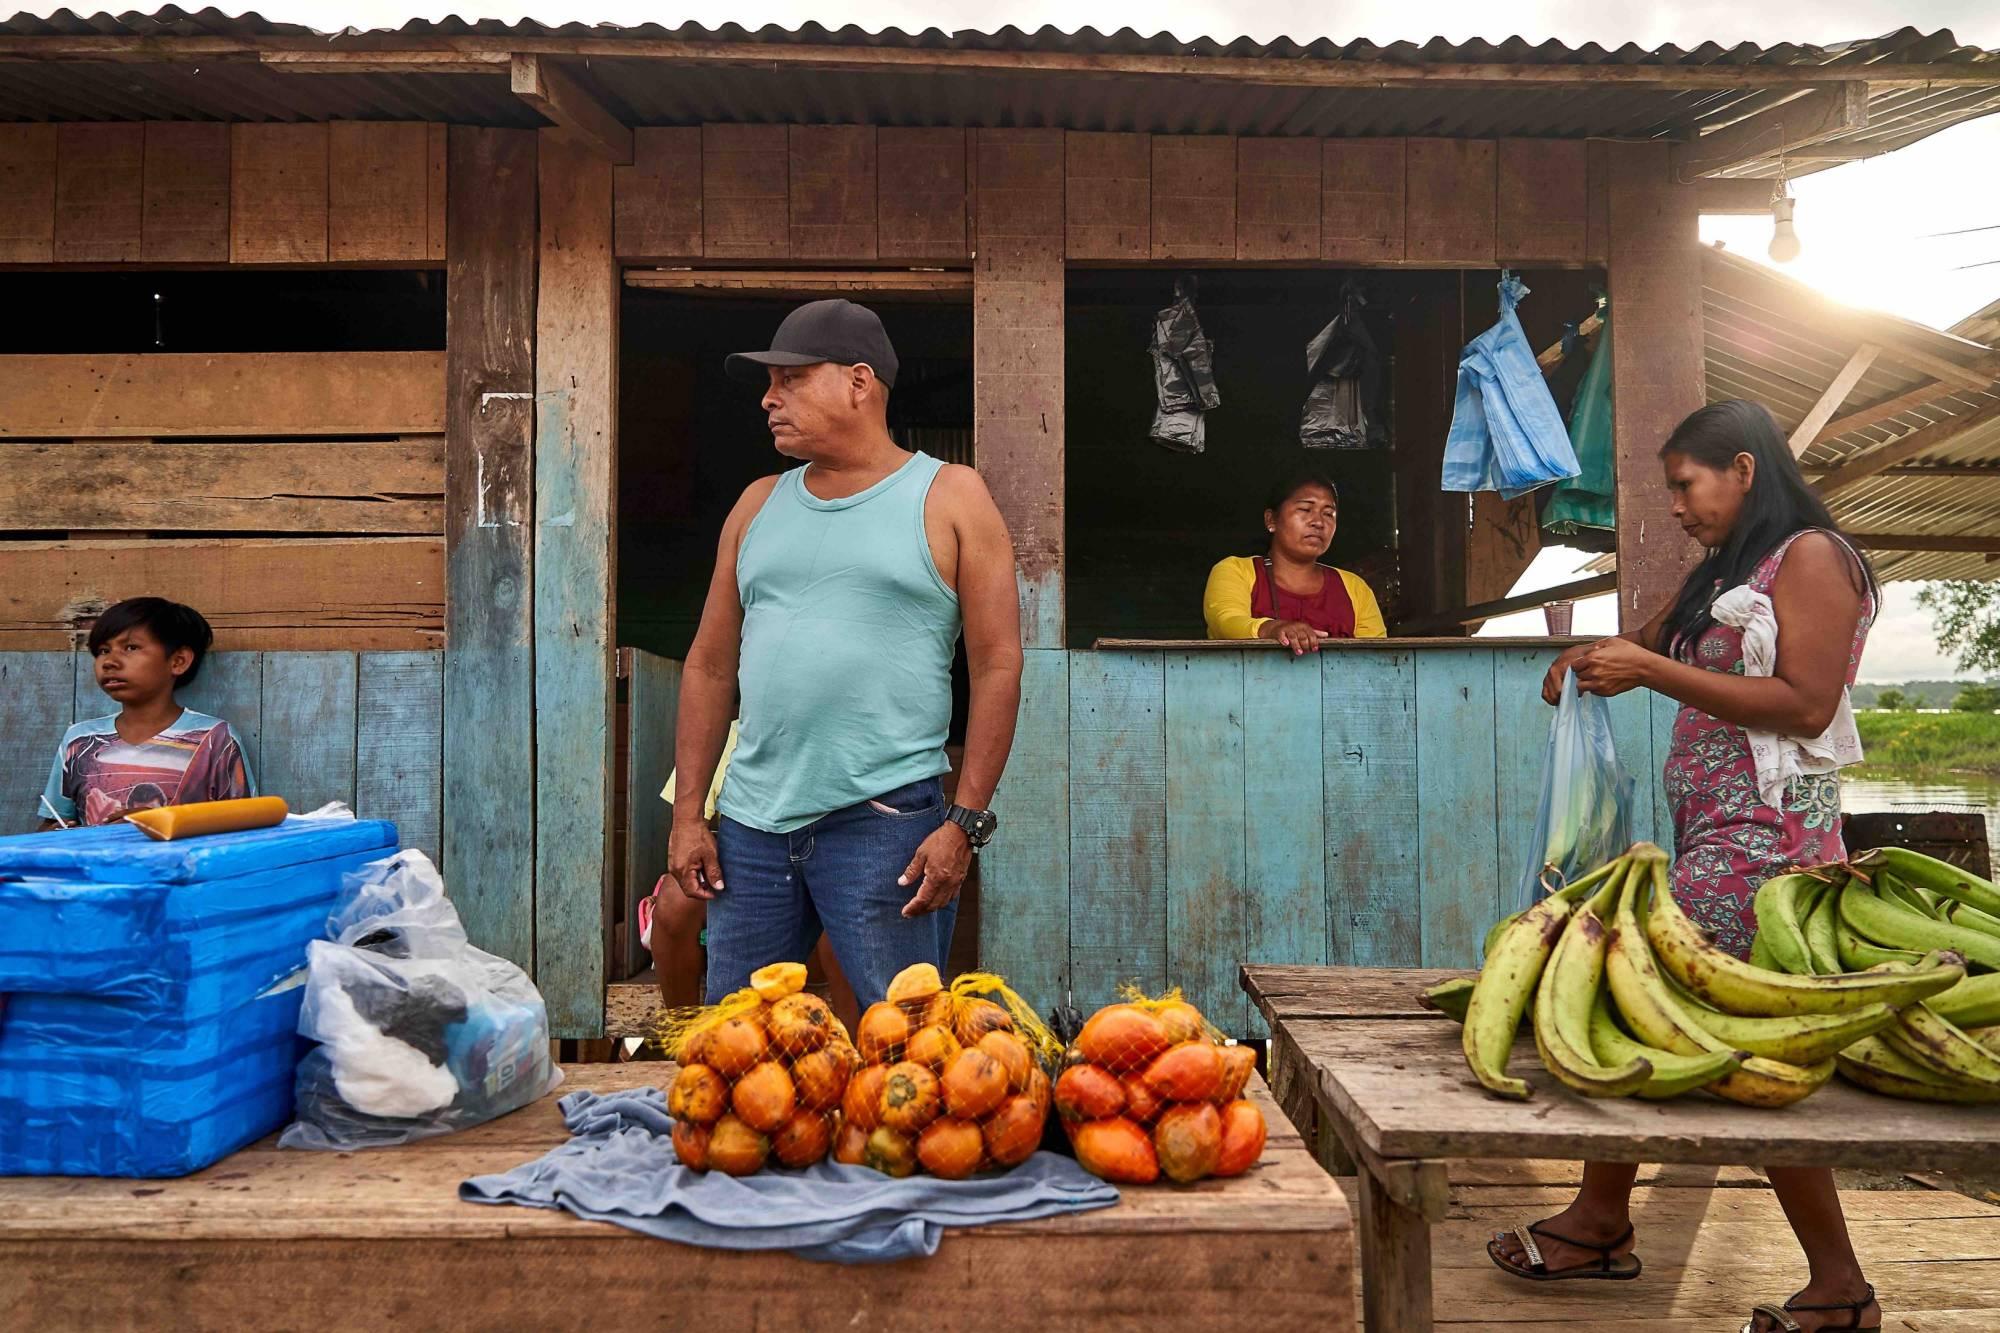 Plaza de mercado de la comunidad de Umariaçu 2